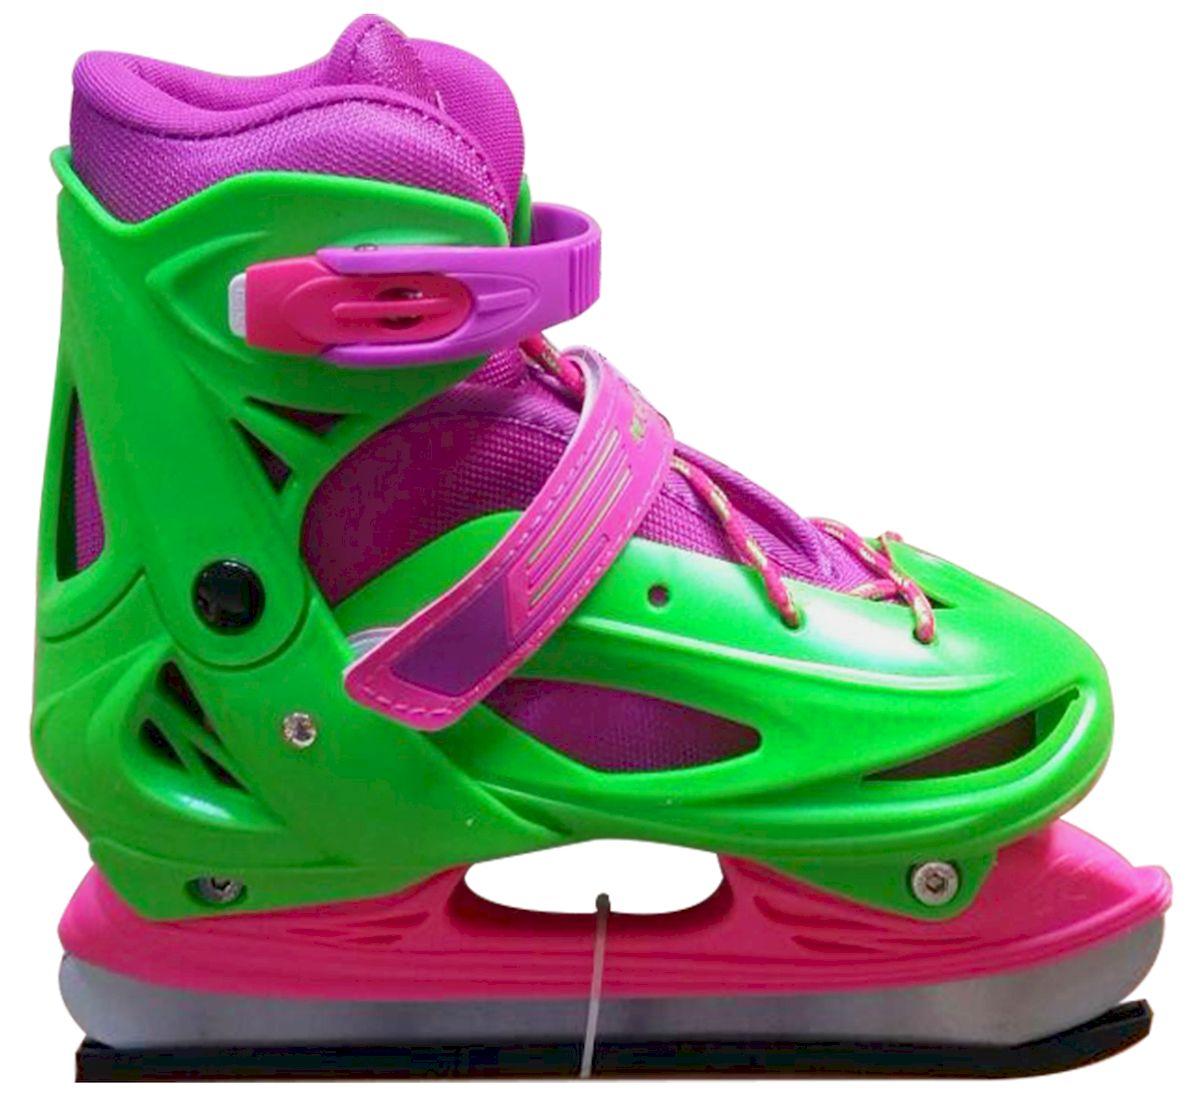 Коньки раздвижные Ice Blade Sophie, цвет: розовый, зеленый. УТ-00009126. Размер S (30/33)